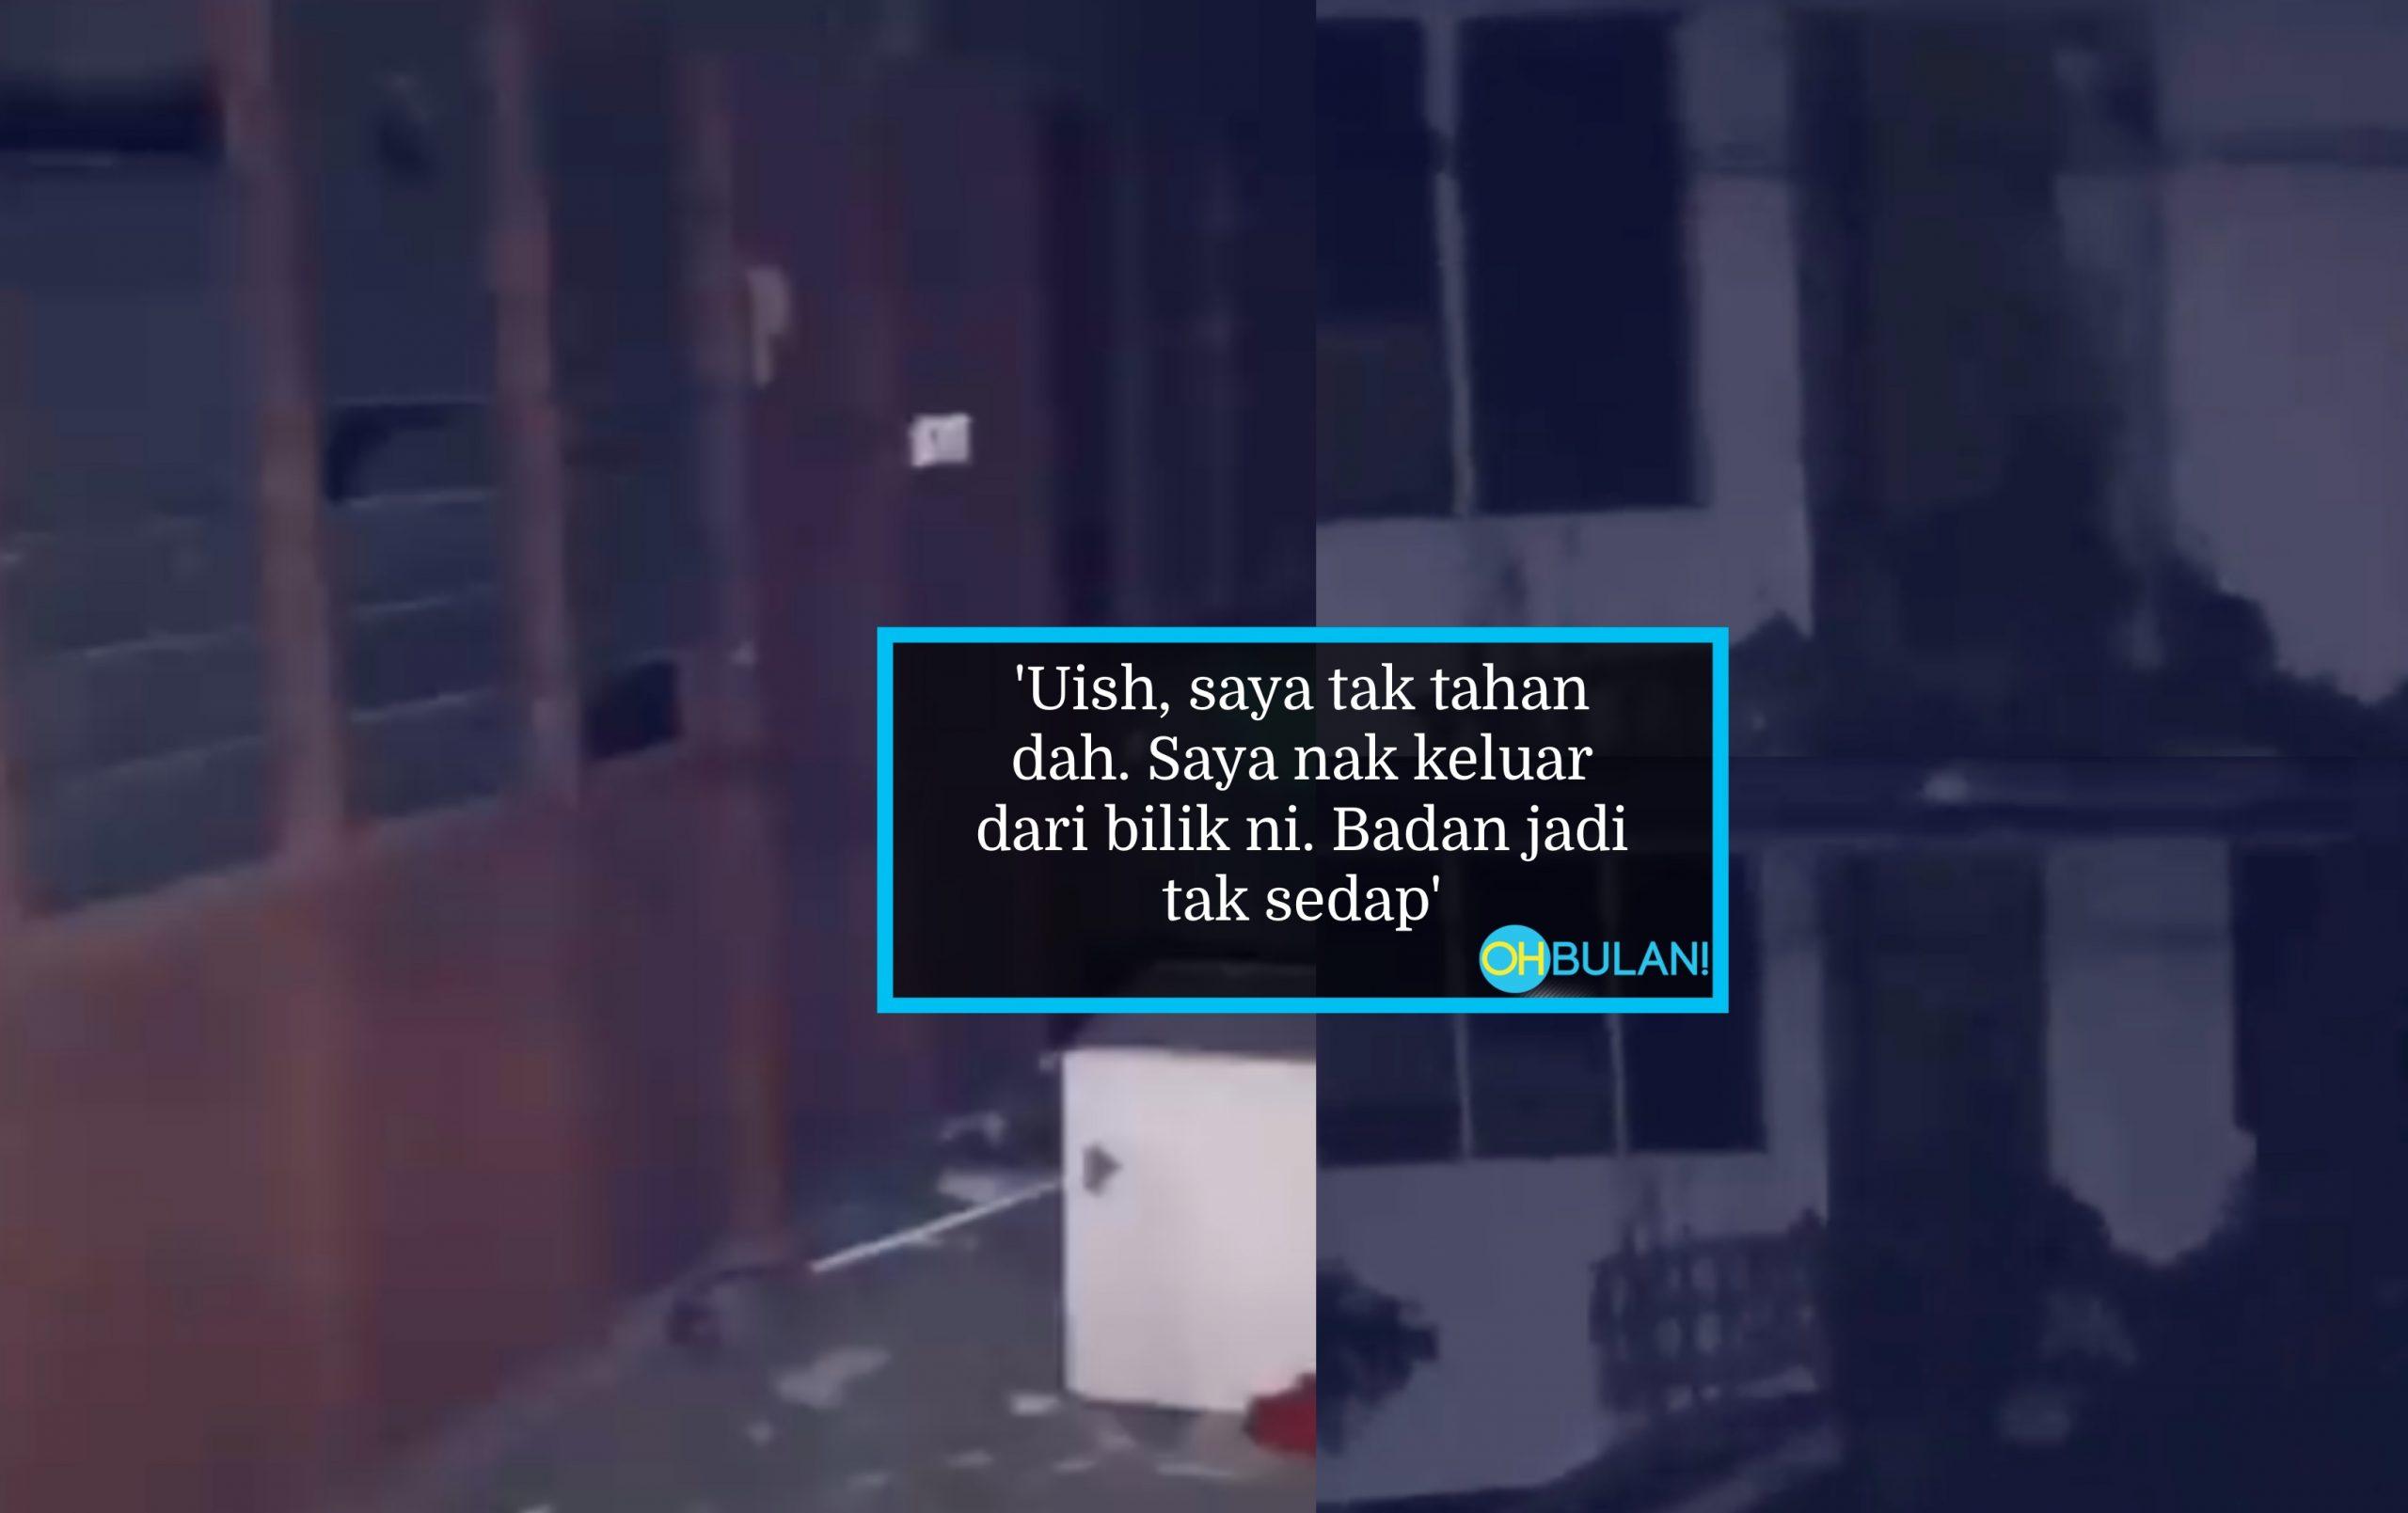 [VIDEO] Berani Sangat Cari Hantu, Sekali 'Pocong' Tunjuk Muka & Main 'Cak Cak', Terus Lari Lintang-Pukang!